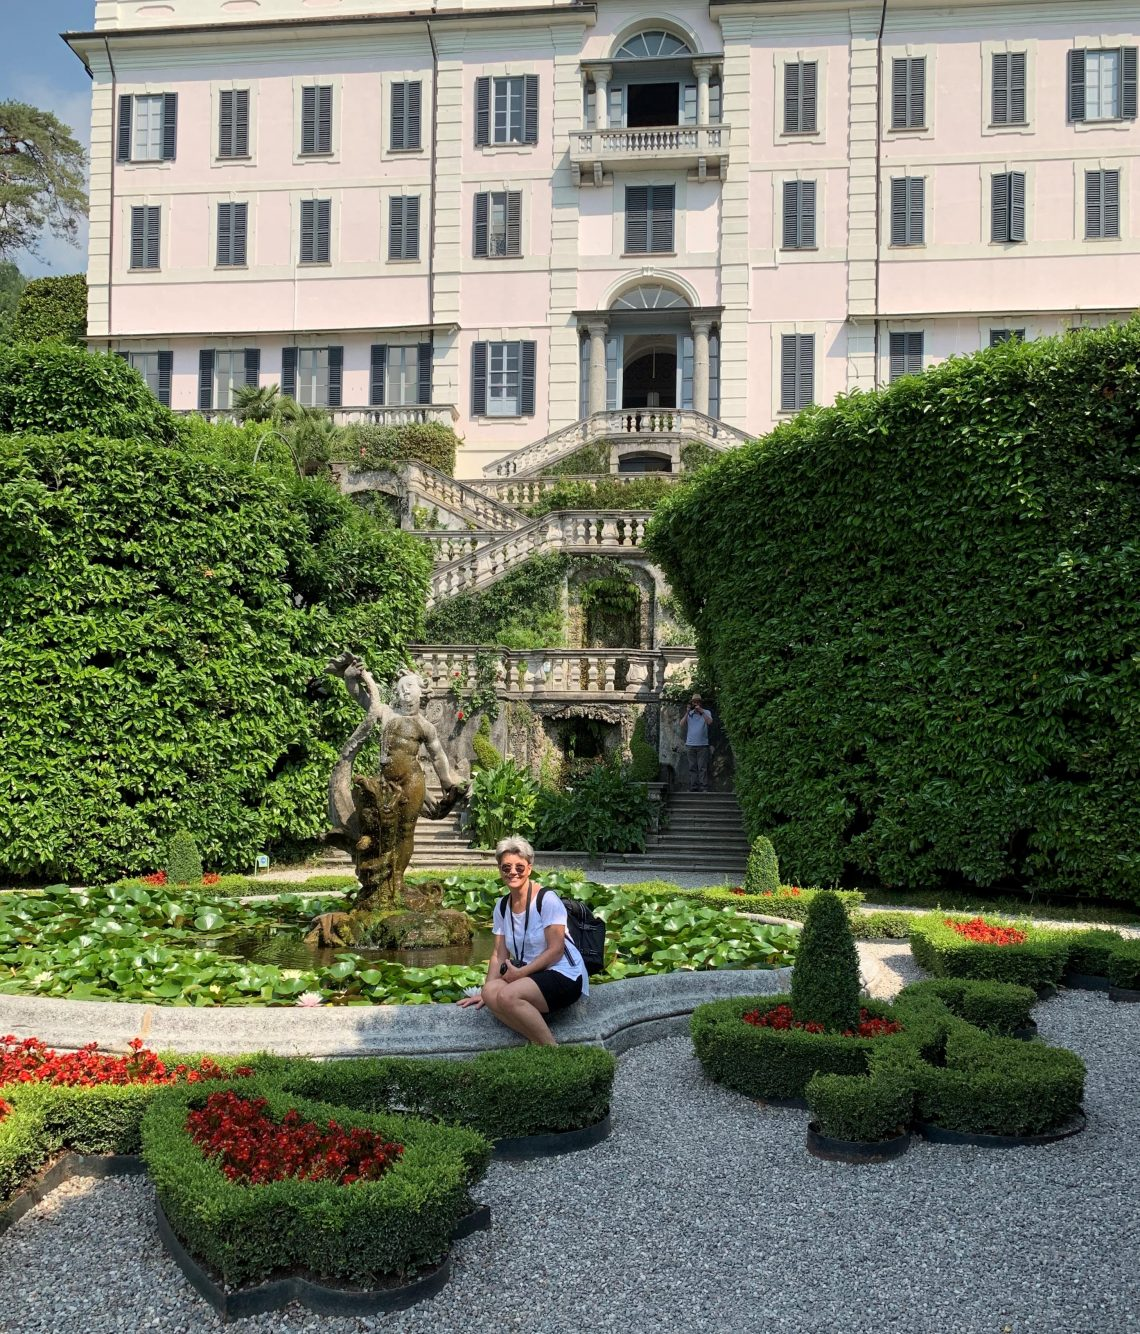 Hagen rund Villa Carlotta i Tremezzo ved Comosjøen - gammel og erværdig arkitektur